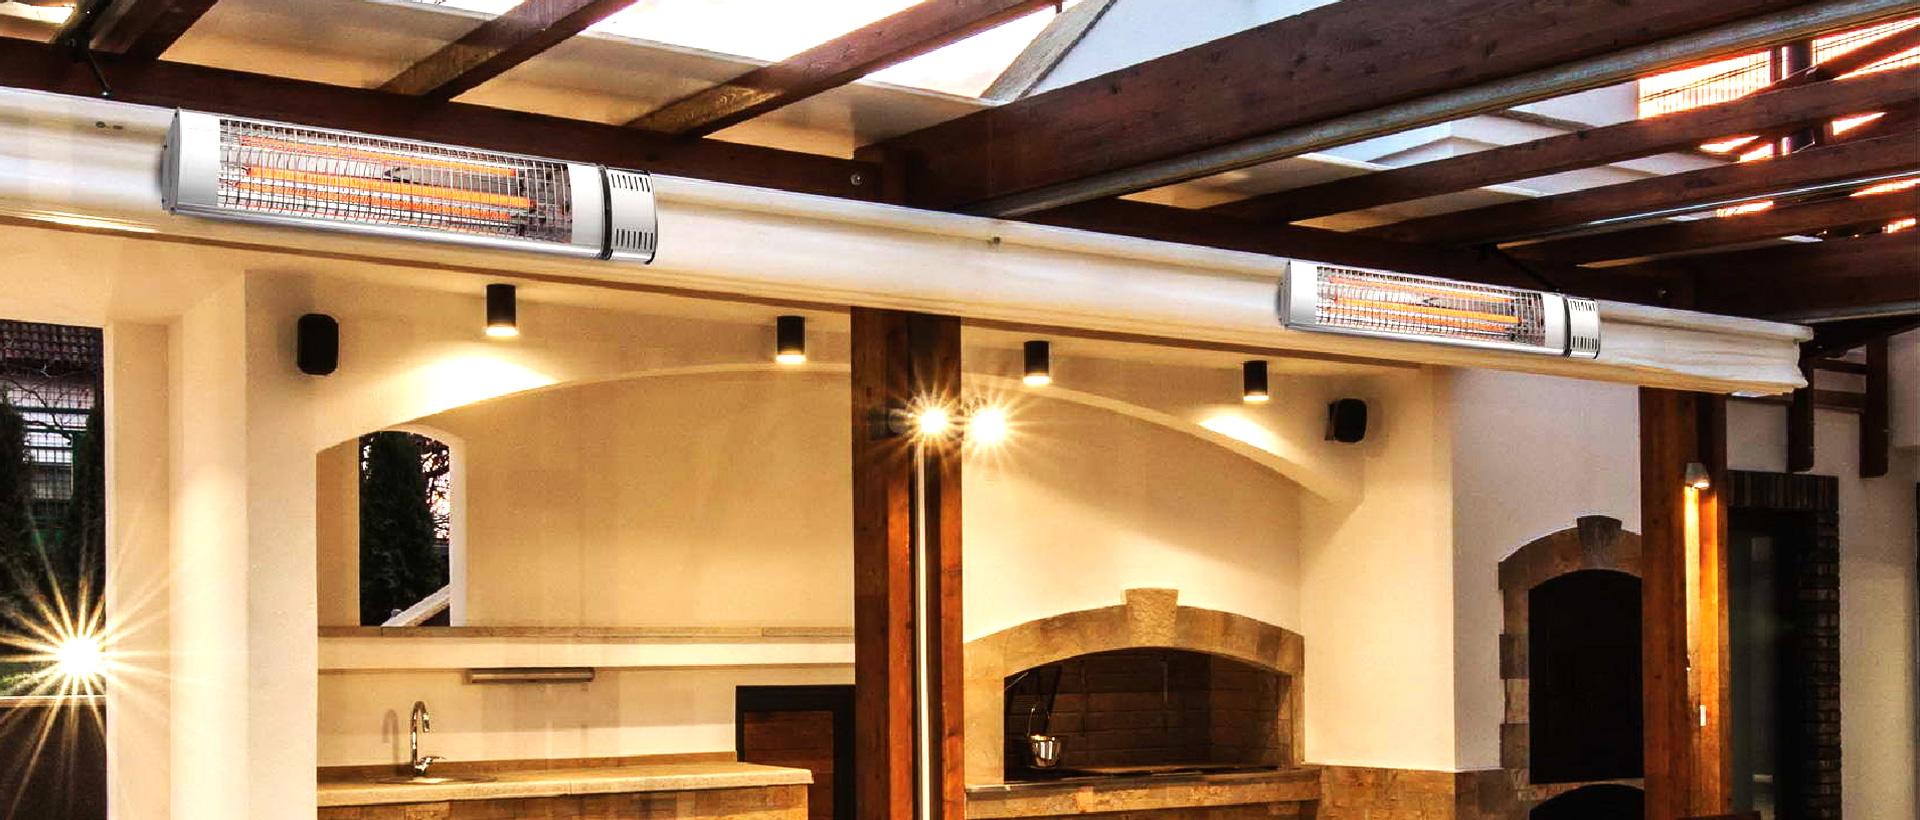 Yandiya Far Infrared Heating Panels Manufacturer